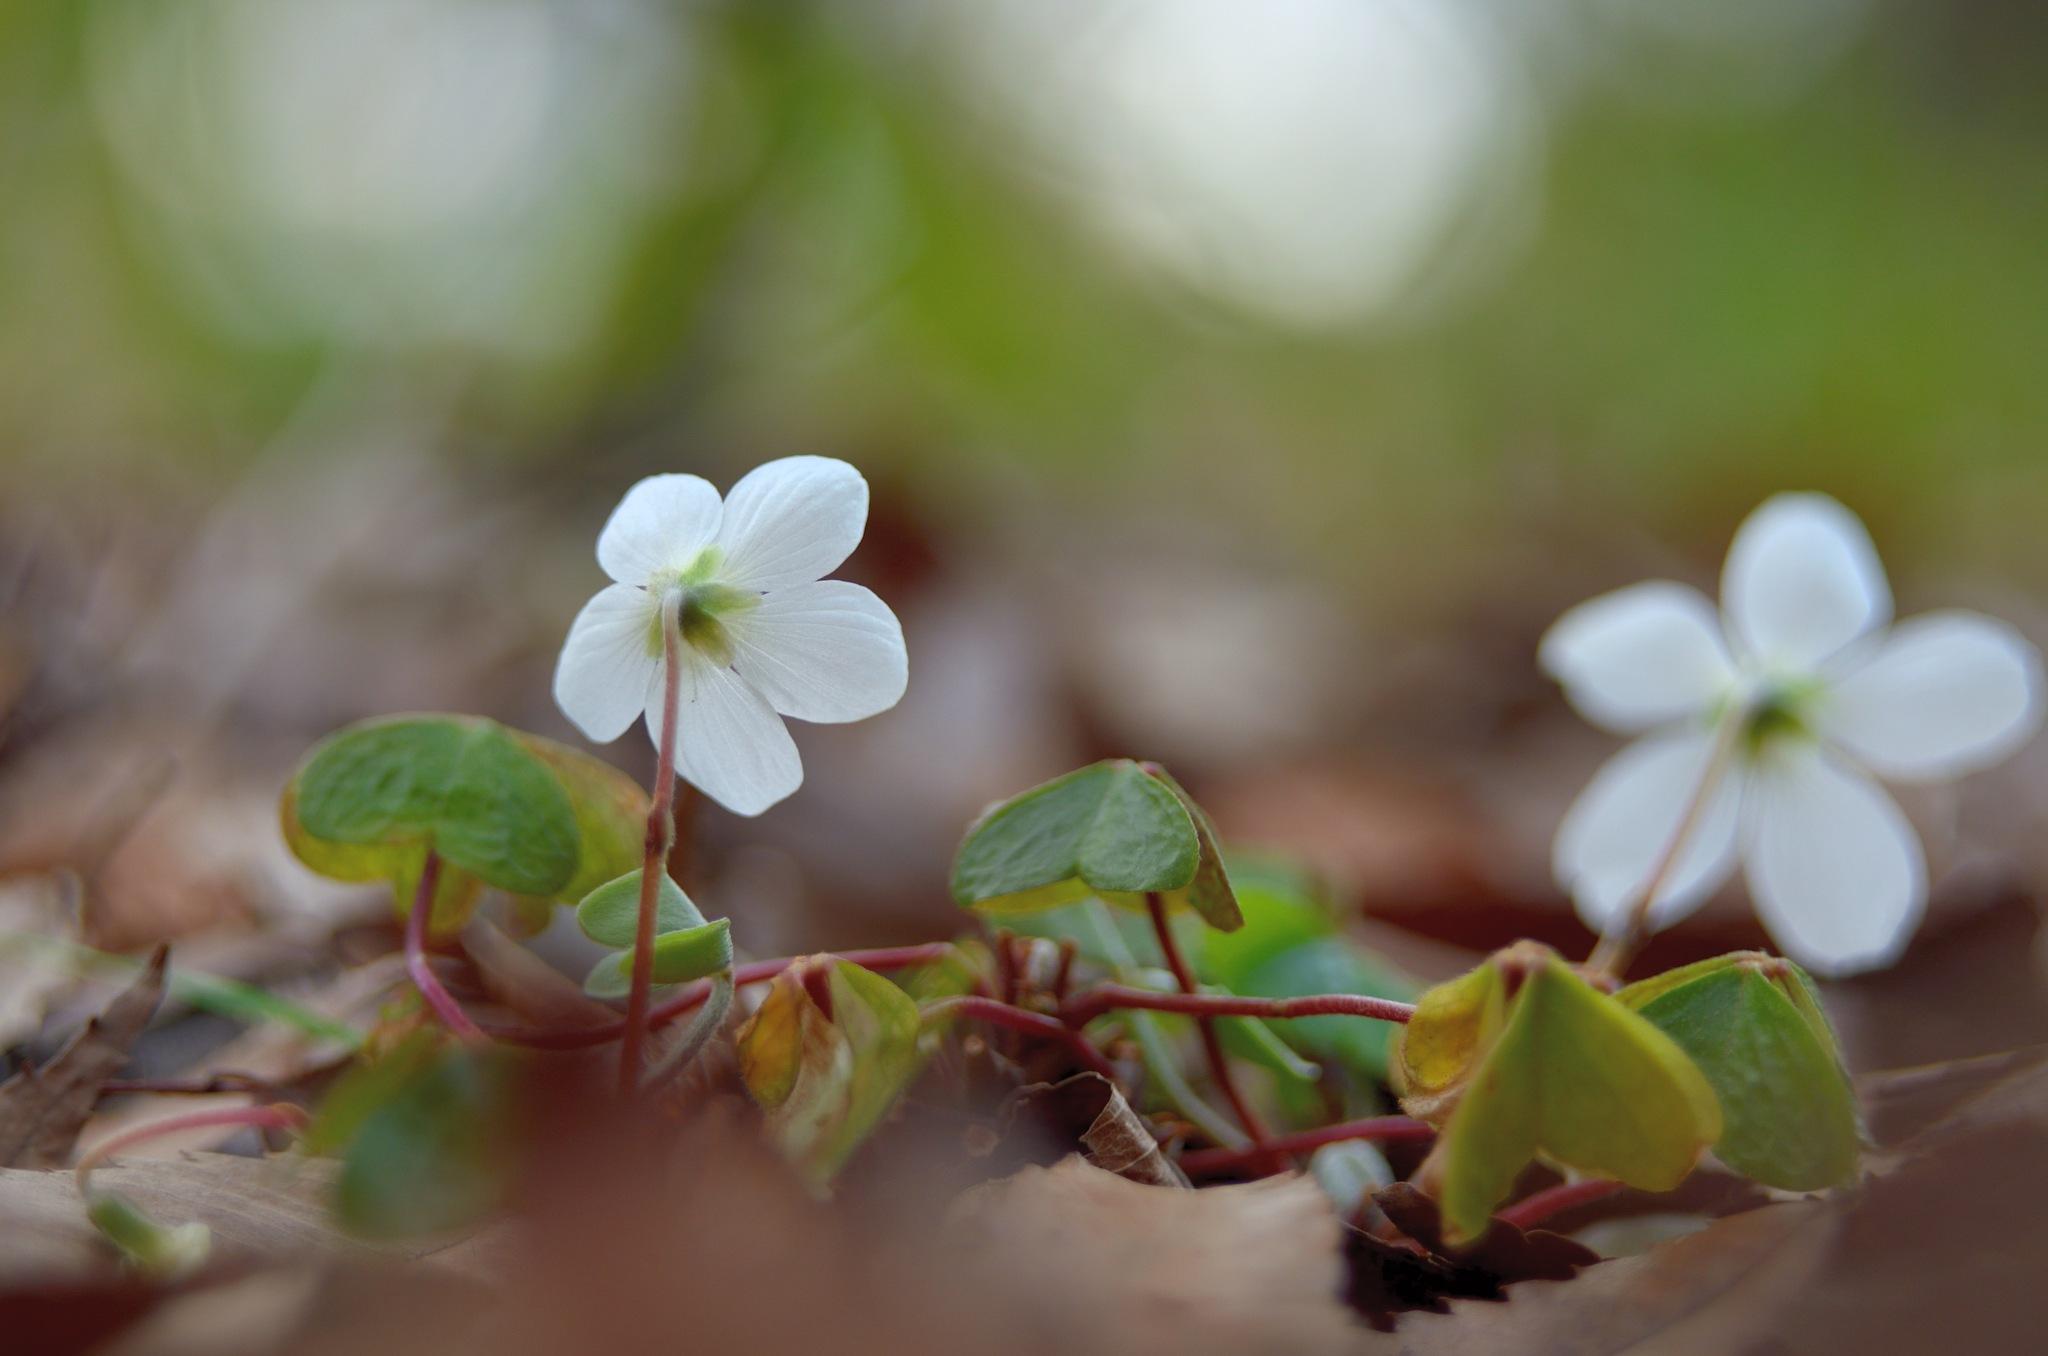 spring foresto by Masahiro  Asano